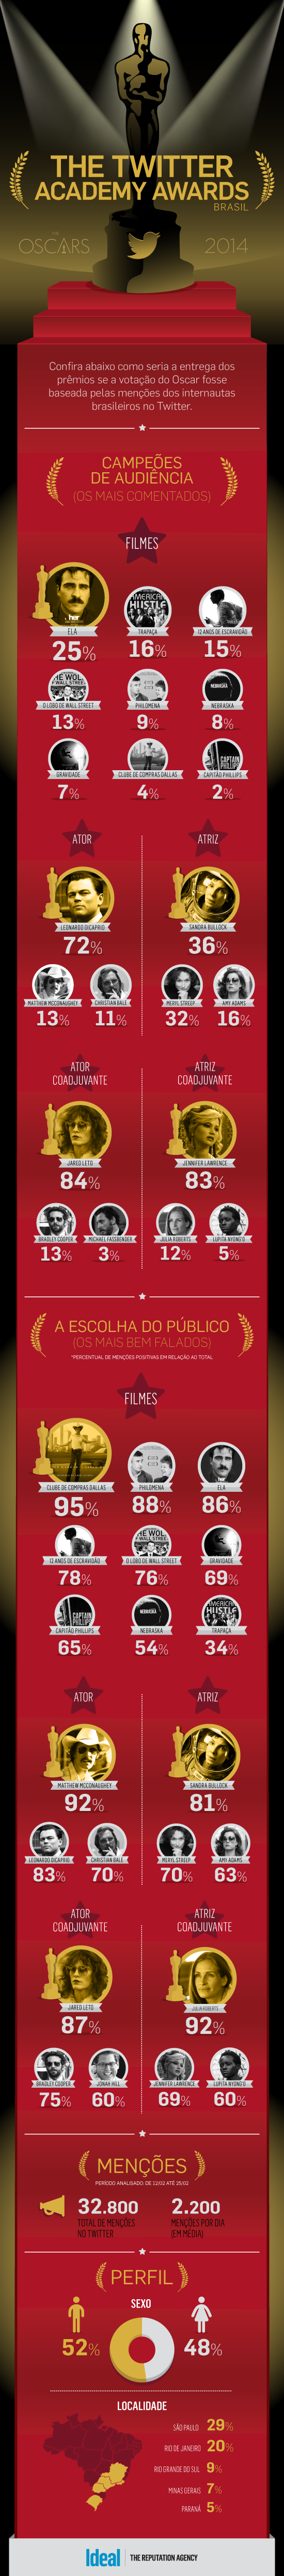 Infográfico - Os preferidos do Oscar no Twitter